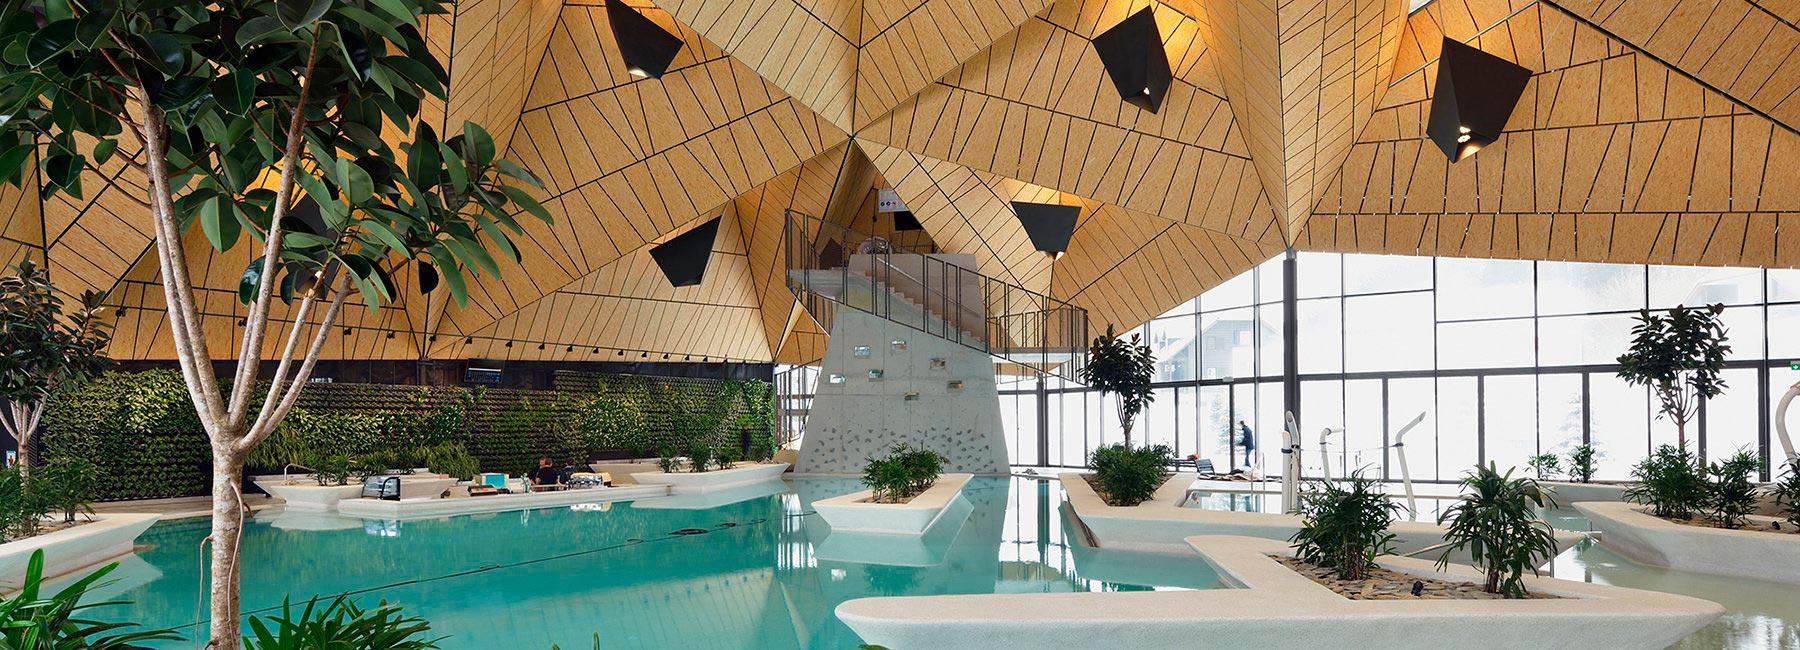 Термальный спа-центр в Словении с необычной скульптурной крышей